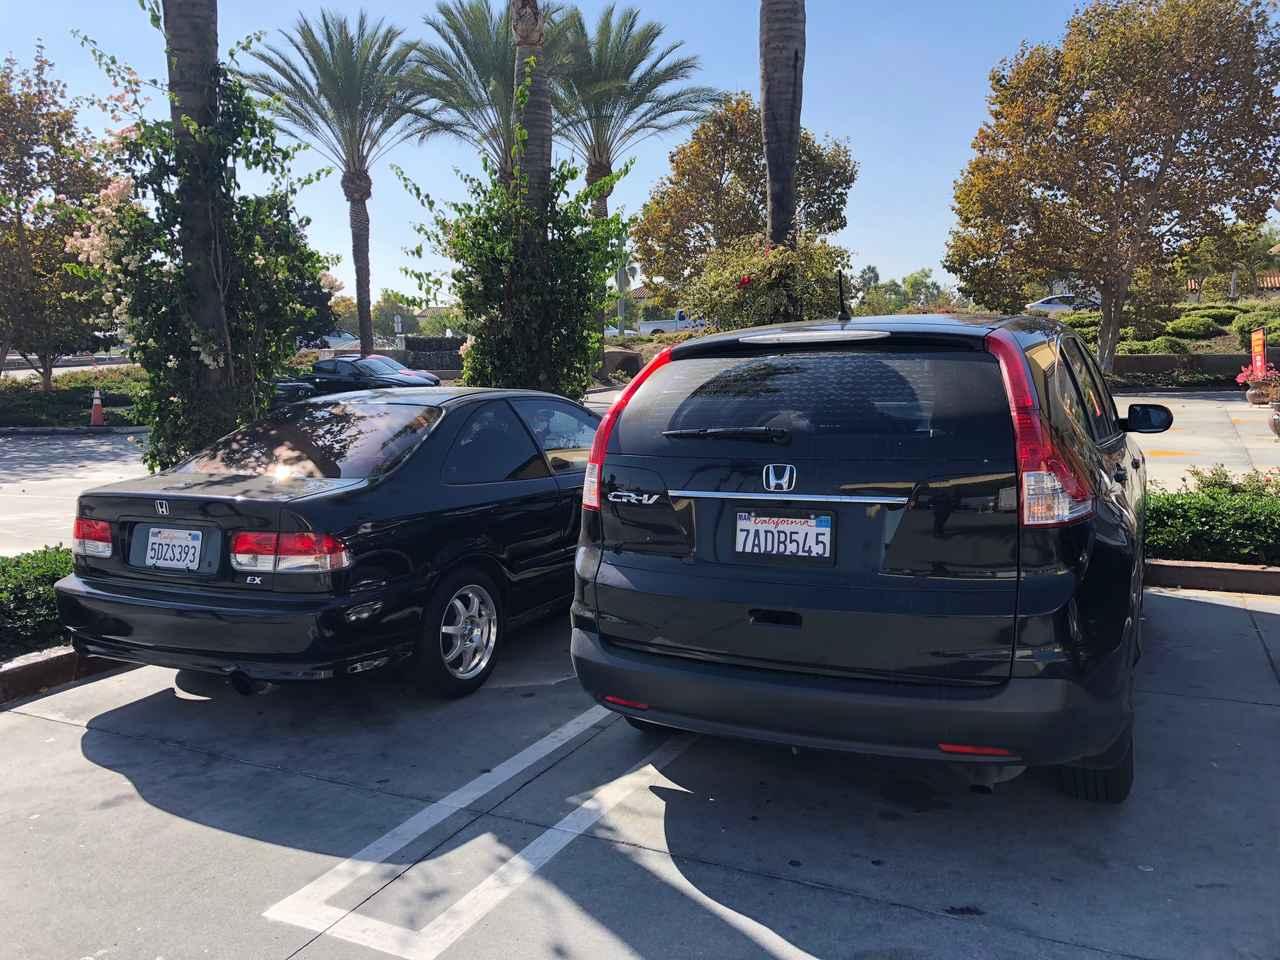 画像6: ドライバー&ライダーの憧れ、ルート66で遭遇したのは…… 【世界で愛されるホンダ車アメリカ ロサンゼルス・サンタモニカ編】